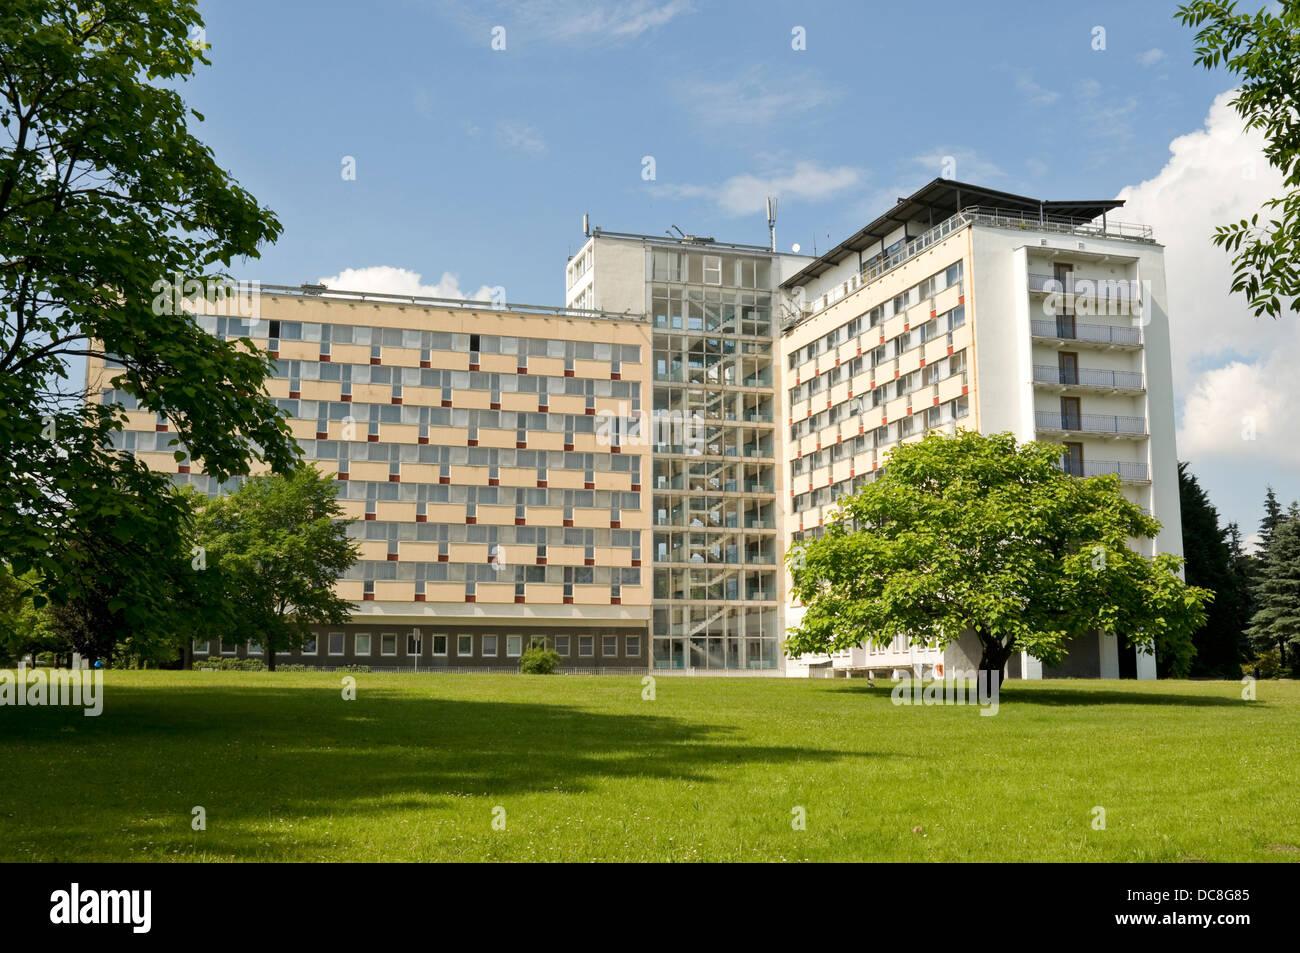 Müritz Hotel (former FDGB ferienhiem built in 1974) in Klink near Waren, Mecklenburg Vorpommern, Germany - Stock Image